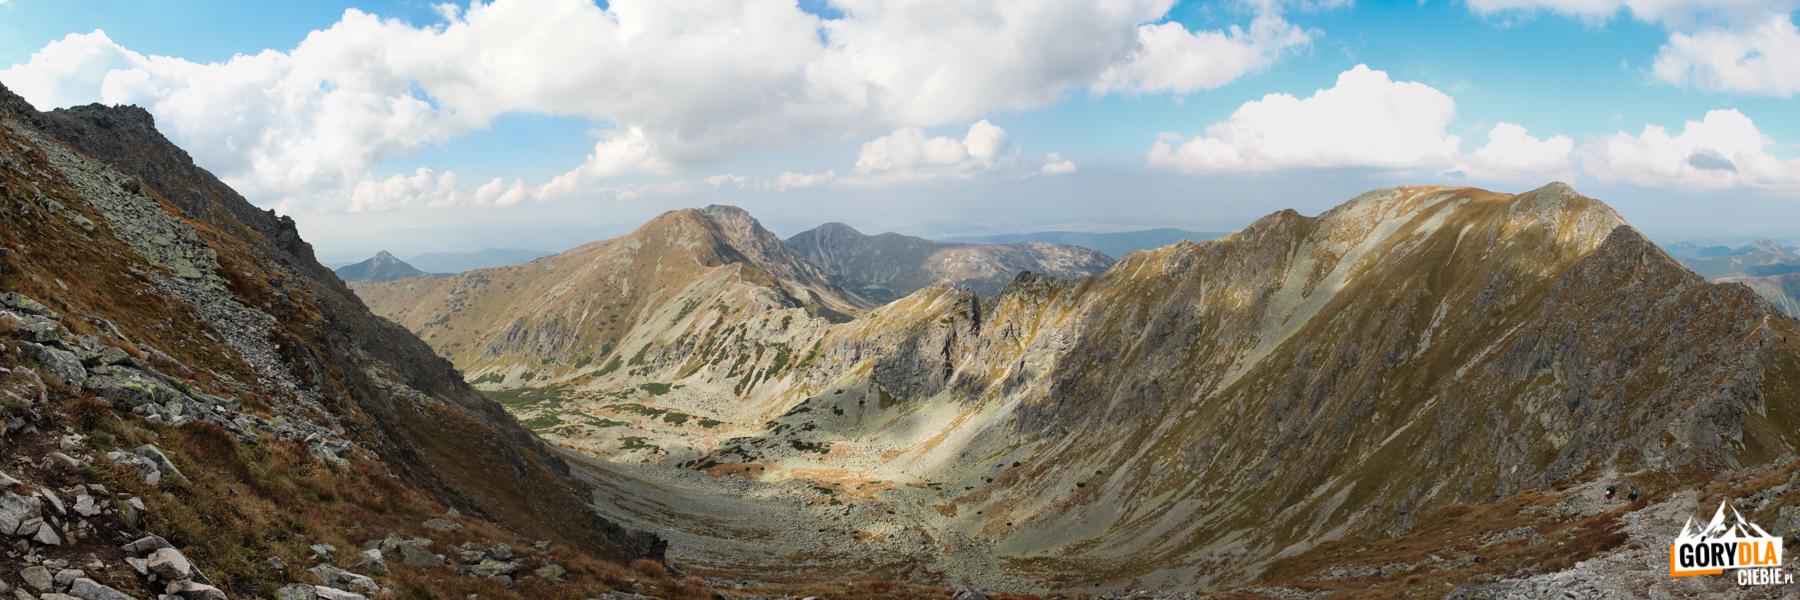 Głęboka Dolina, Spalona Kopa (2083 m), Szczyty Salatyna (2048 i 2046 m) i Brestowa (1934 m) widziane spod szczytu Pahoła (2167 m)